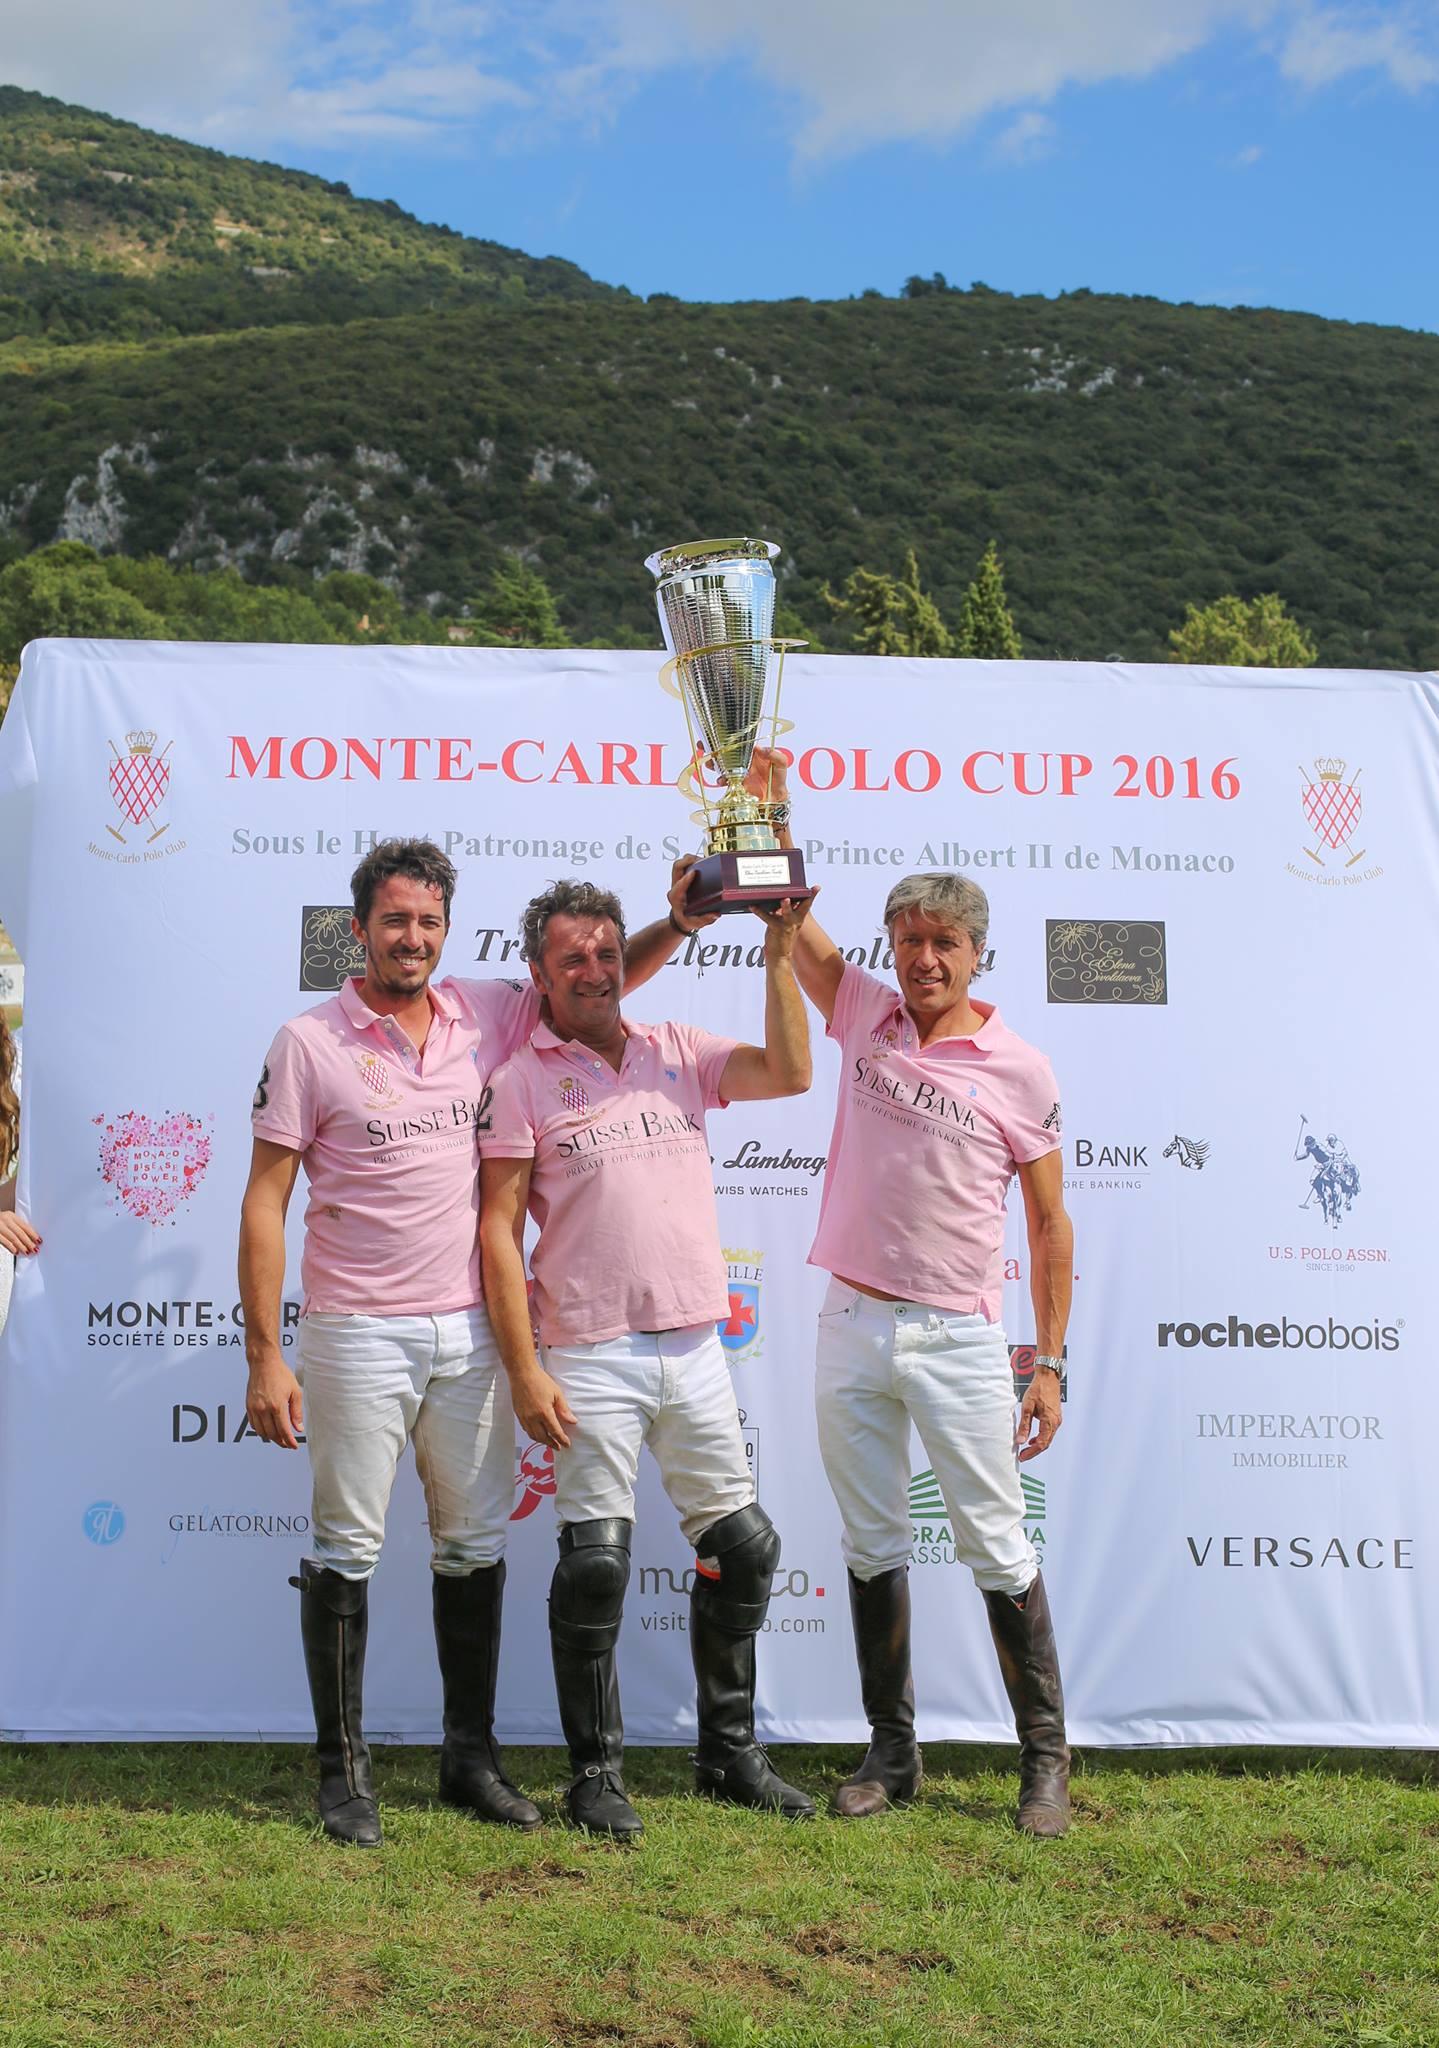 Серебро получила команда Suisse Bank